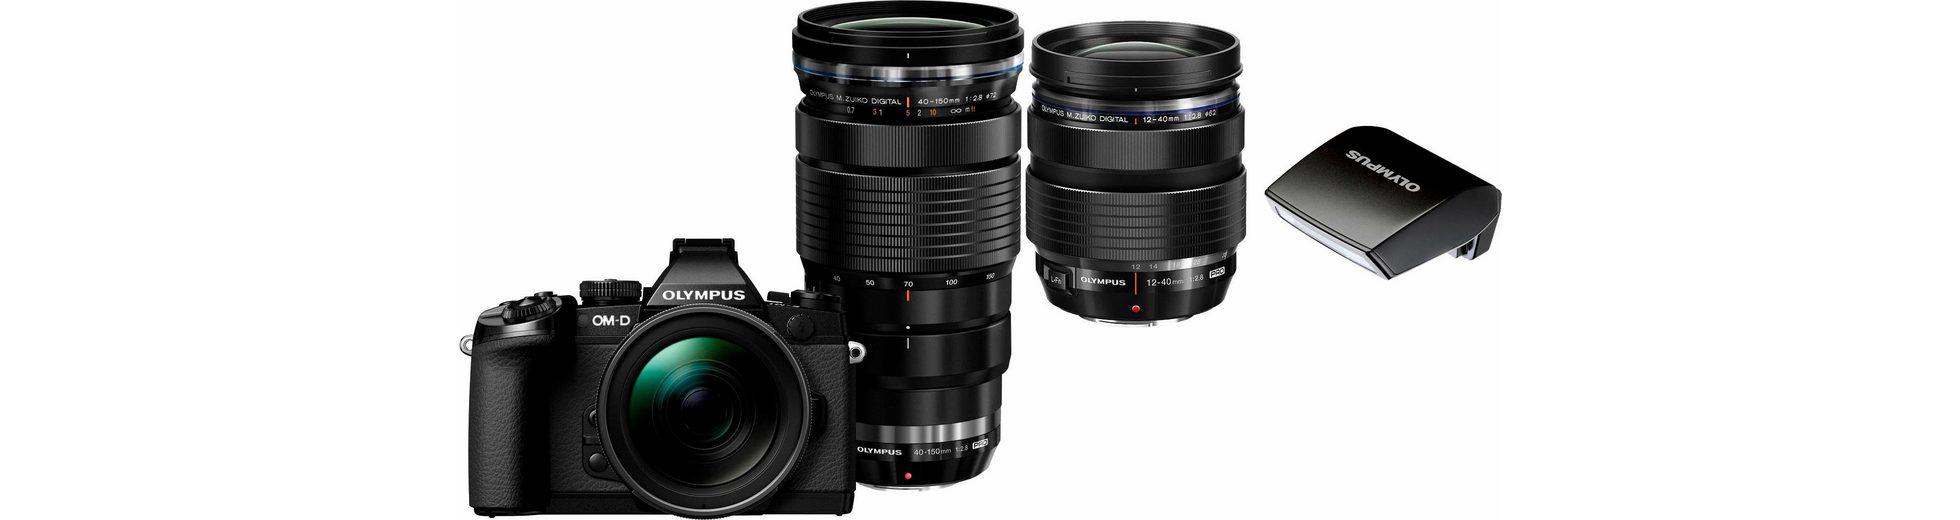 Olympus E-M1 OM-D Set System Kamera,2 M.ZUIKO DIGITAL PRO Objektive,16,3 MP,Batteriegriff(UVP229€)